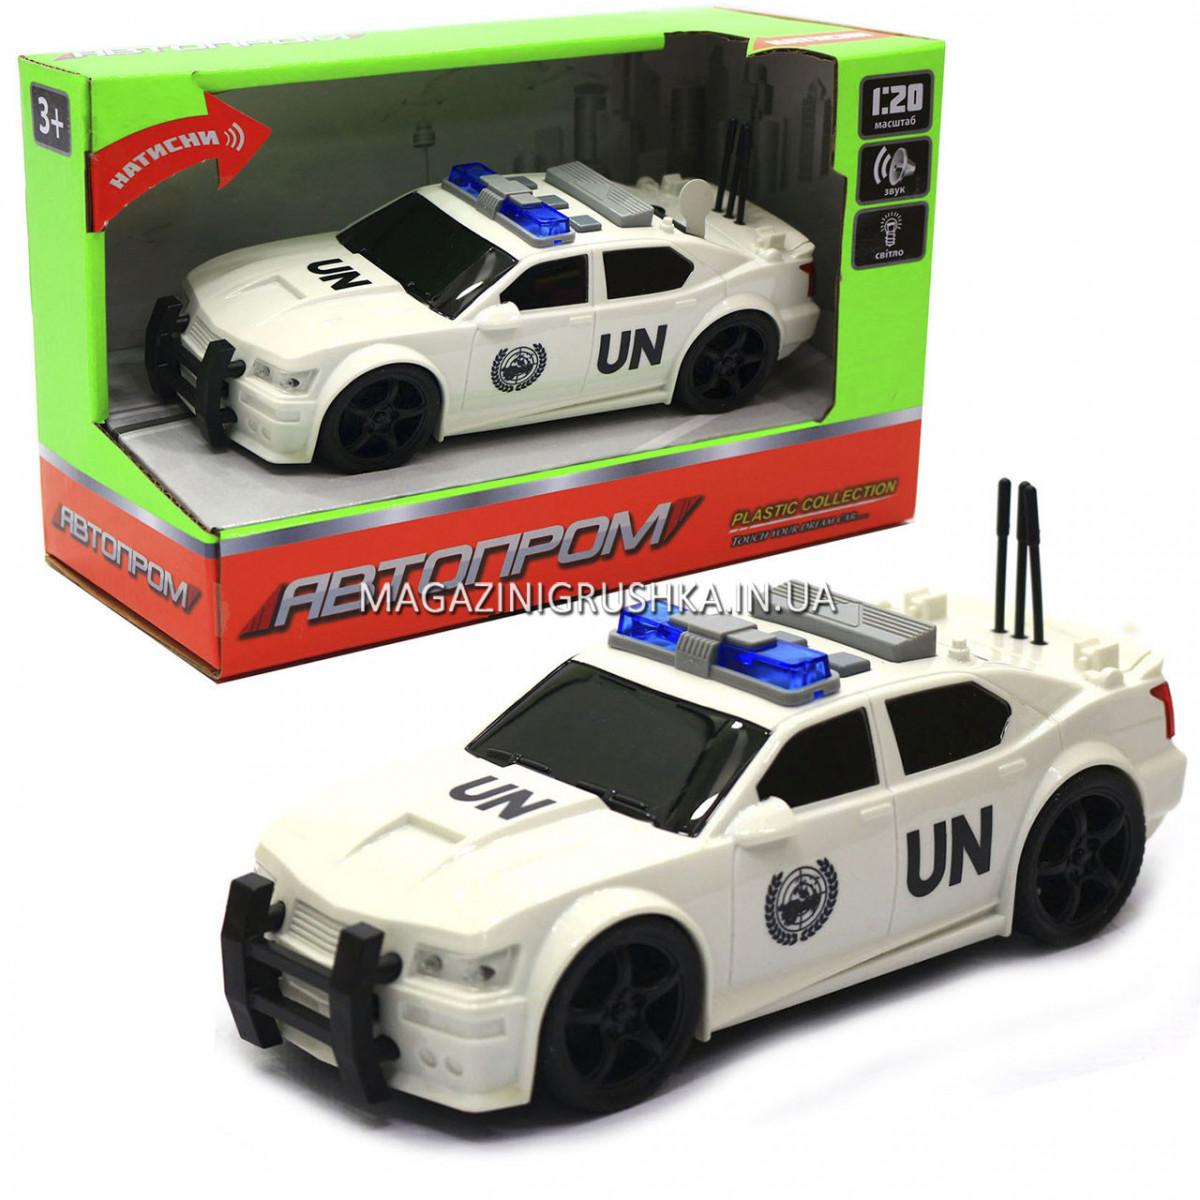 Машинка игровая автопром «Автомобиль ООН», 19х8х7 см, пластик (свет, звук) 7916ABC